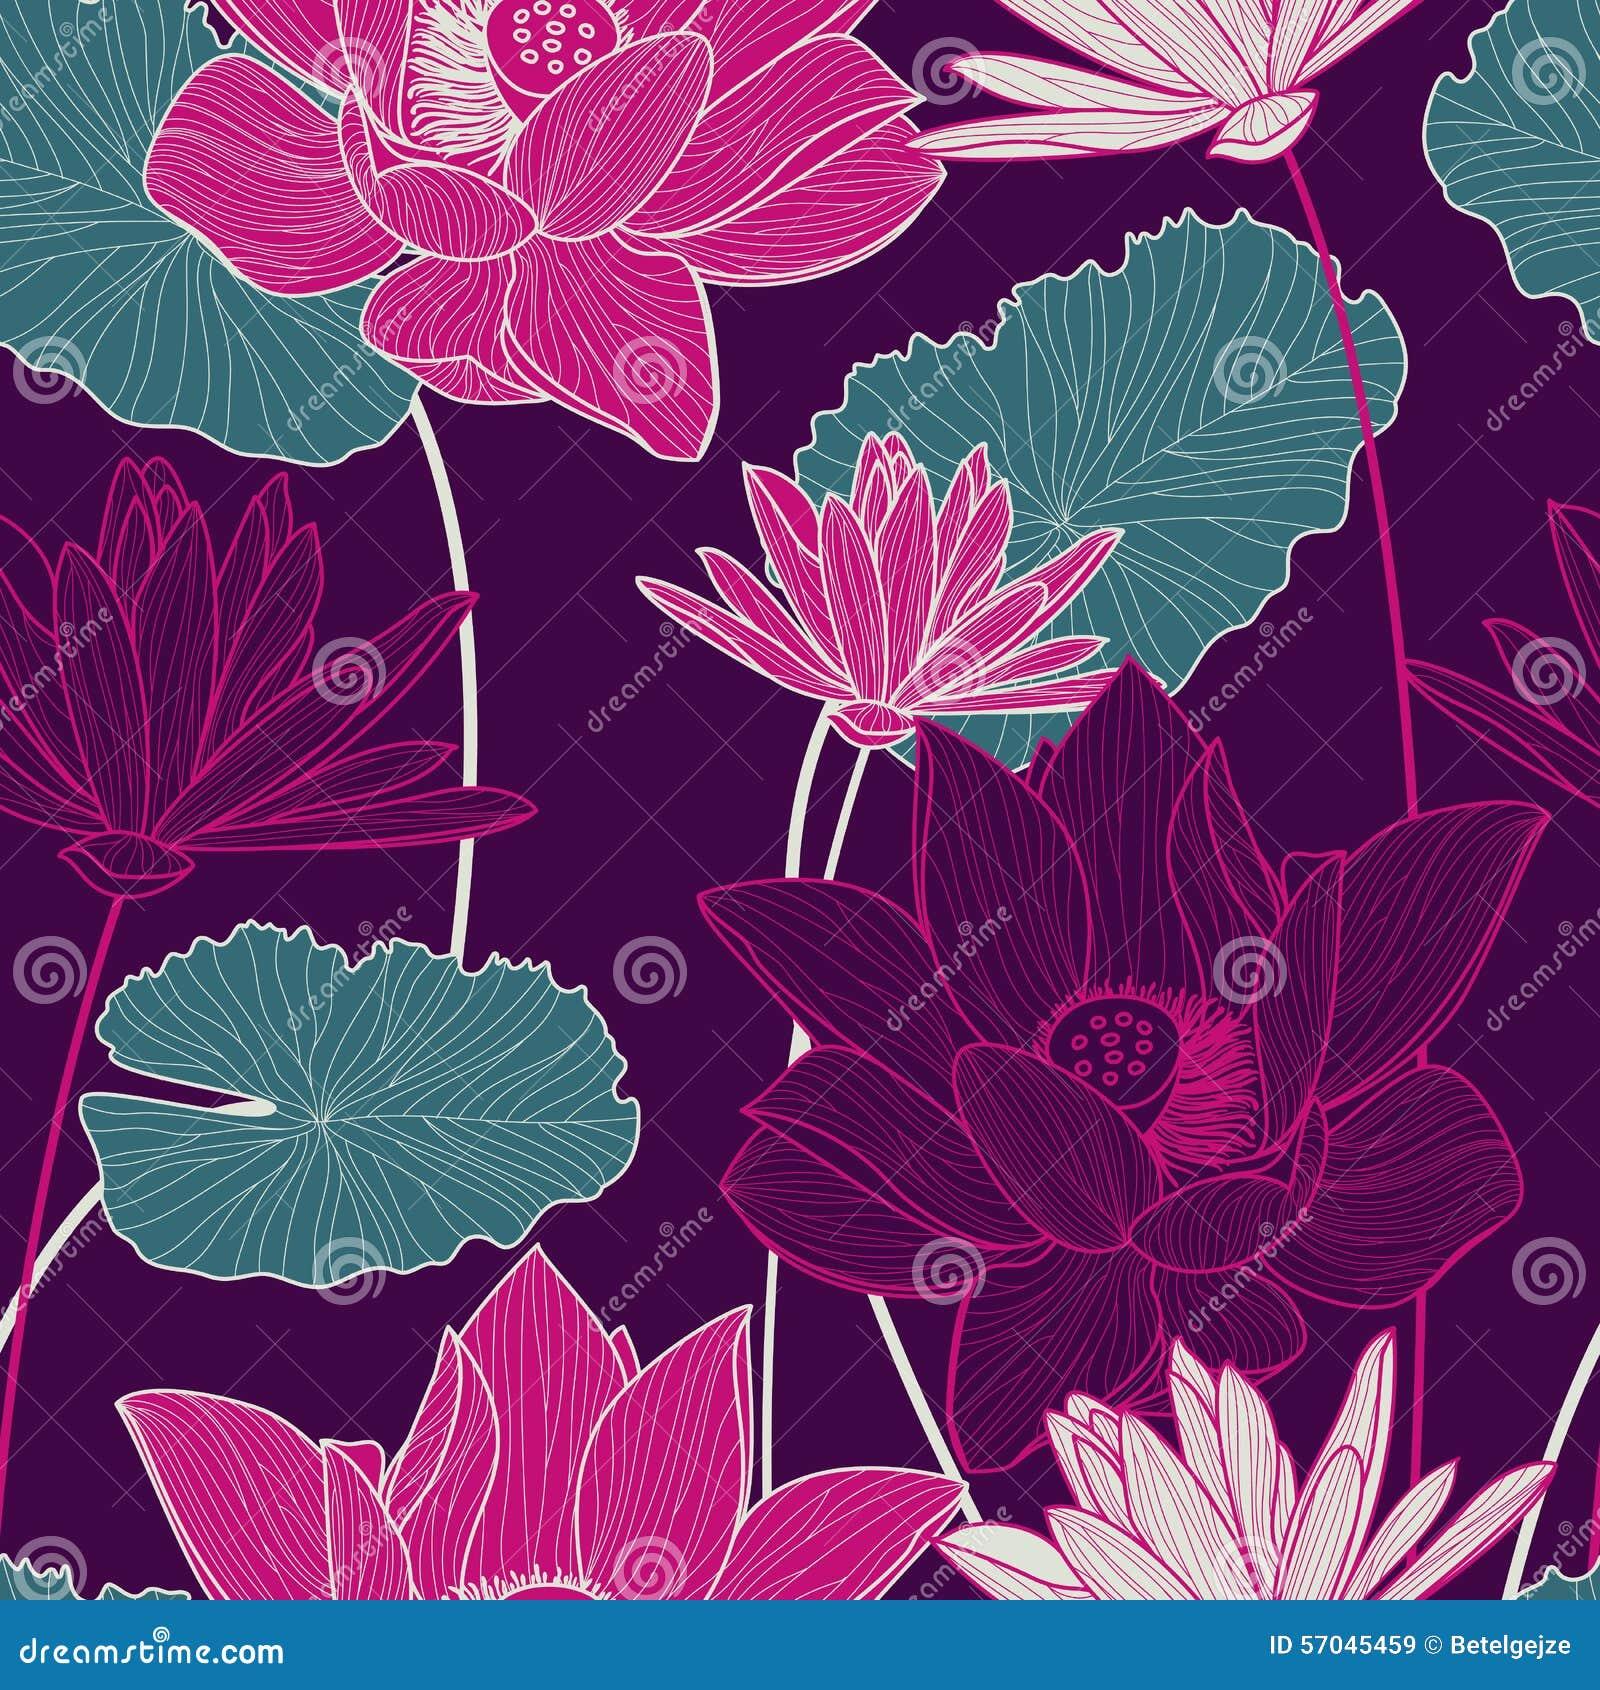 Vector il modello senza cuciture con il bei fiore di loto e gre rosa